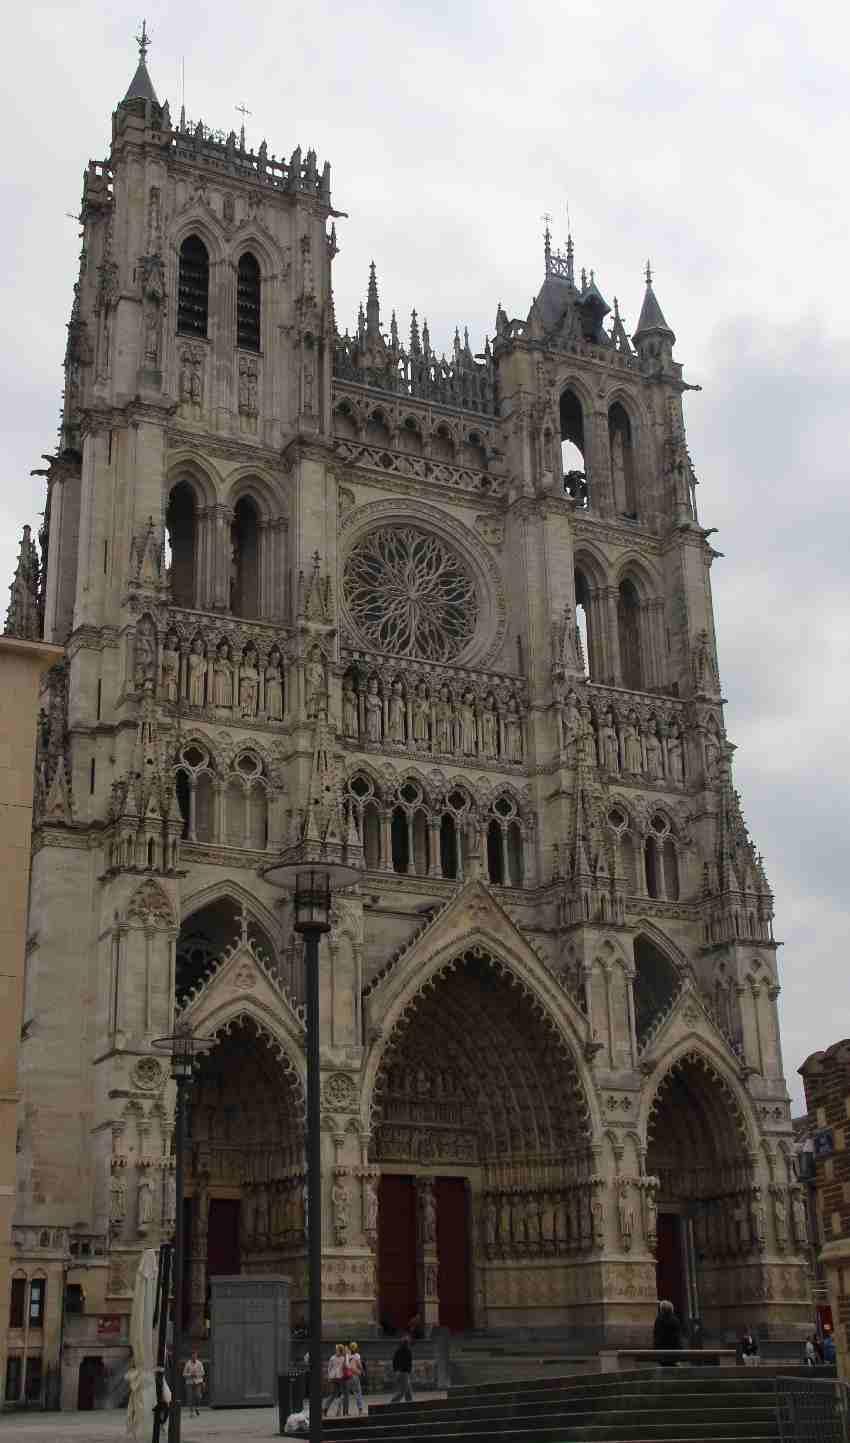 Kathedrale von Amiens von außen - Portal und Türme